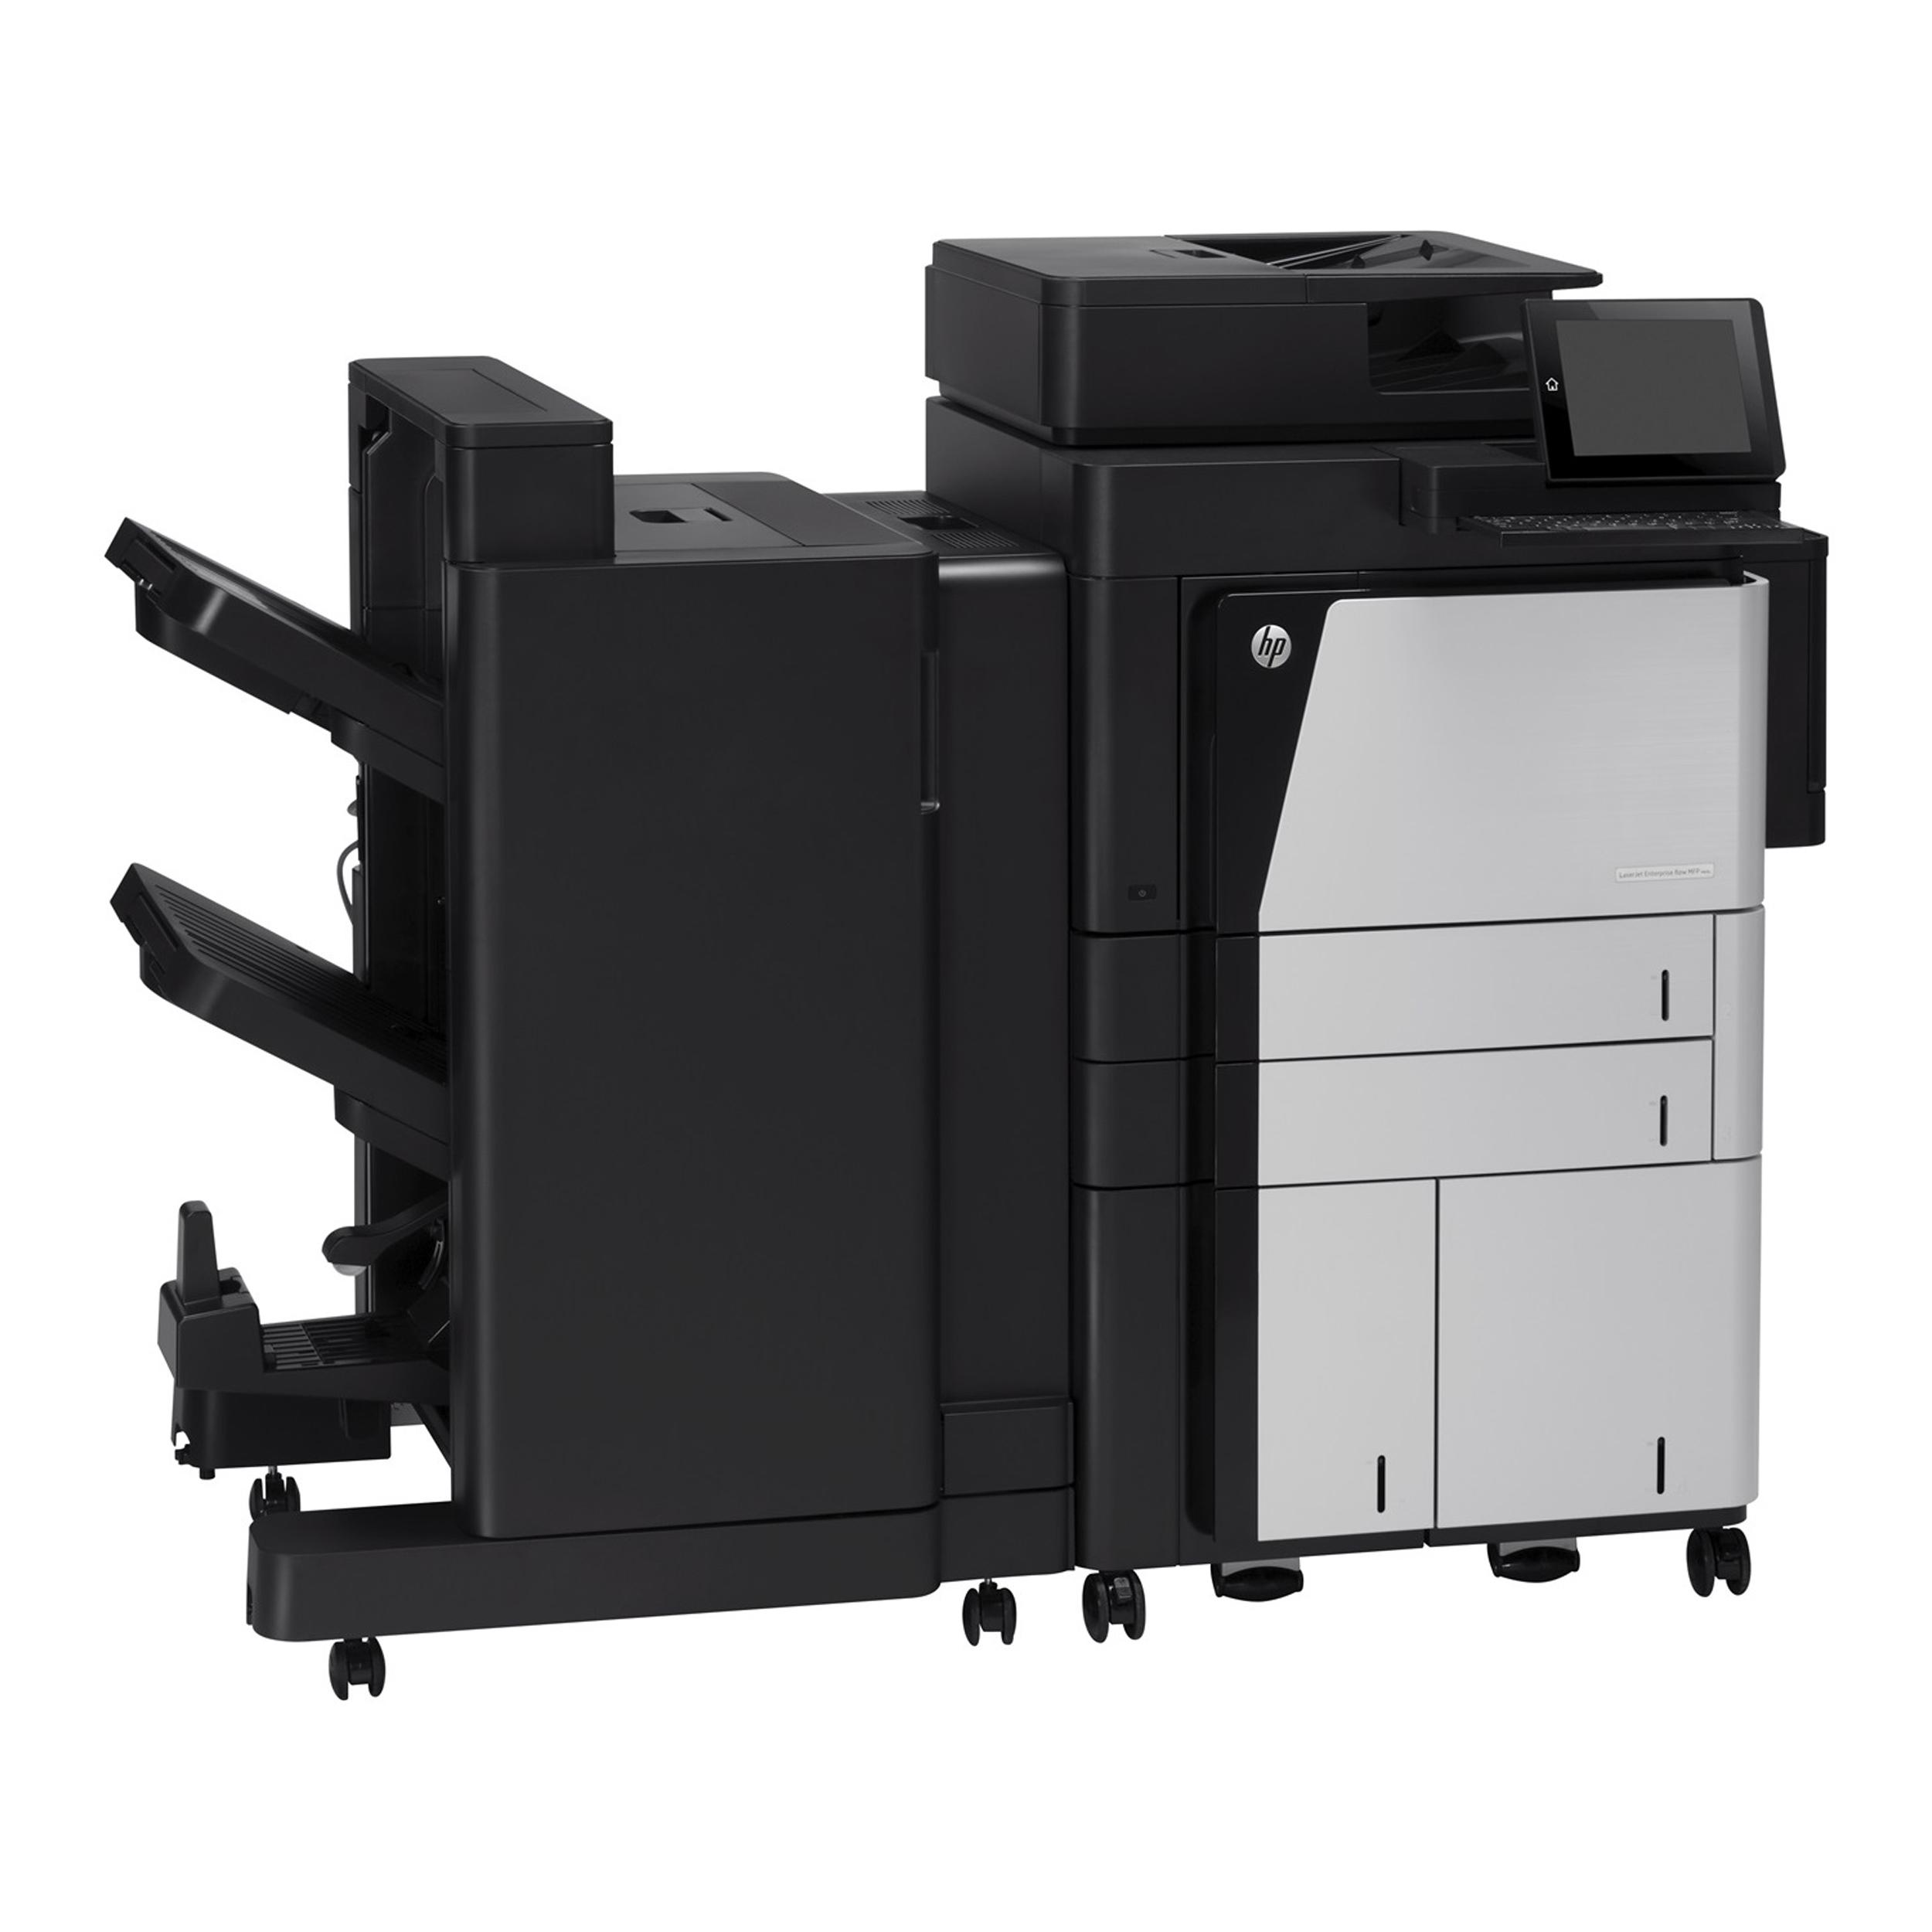 پرینتر چندکاره لیزری اچ پی مدل LaserJet Enterprise flow MFP M830z